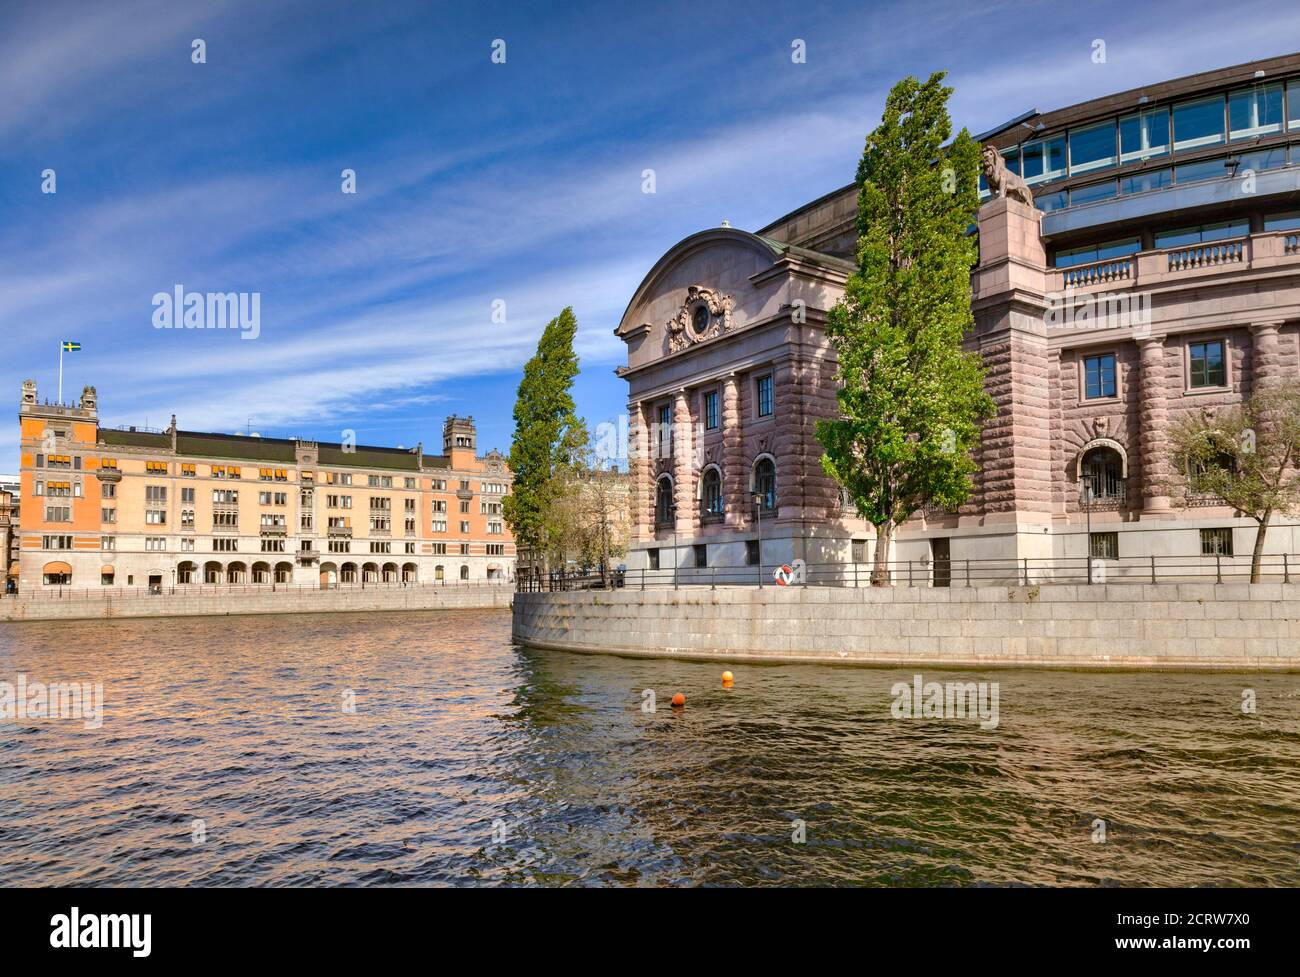 16. September 2018: Stockholm, Schweden - Parlamentsgebäude neben dem Wasserweg Lilla Vartan an einem sonnigen Herbsttag, mit Blick über das Wasser. Stockfoto